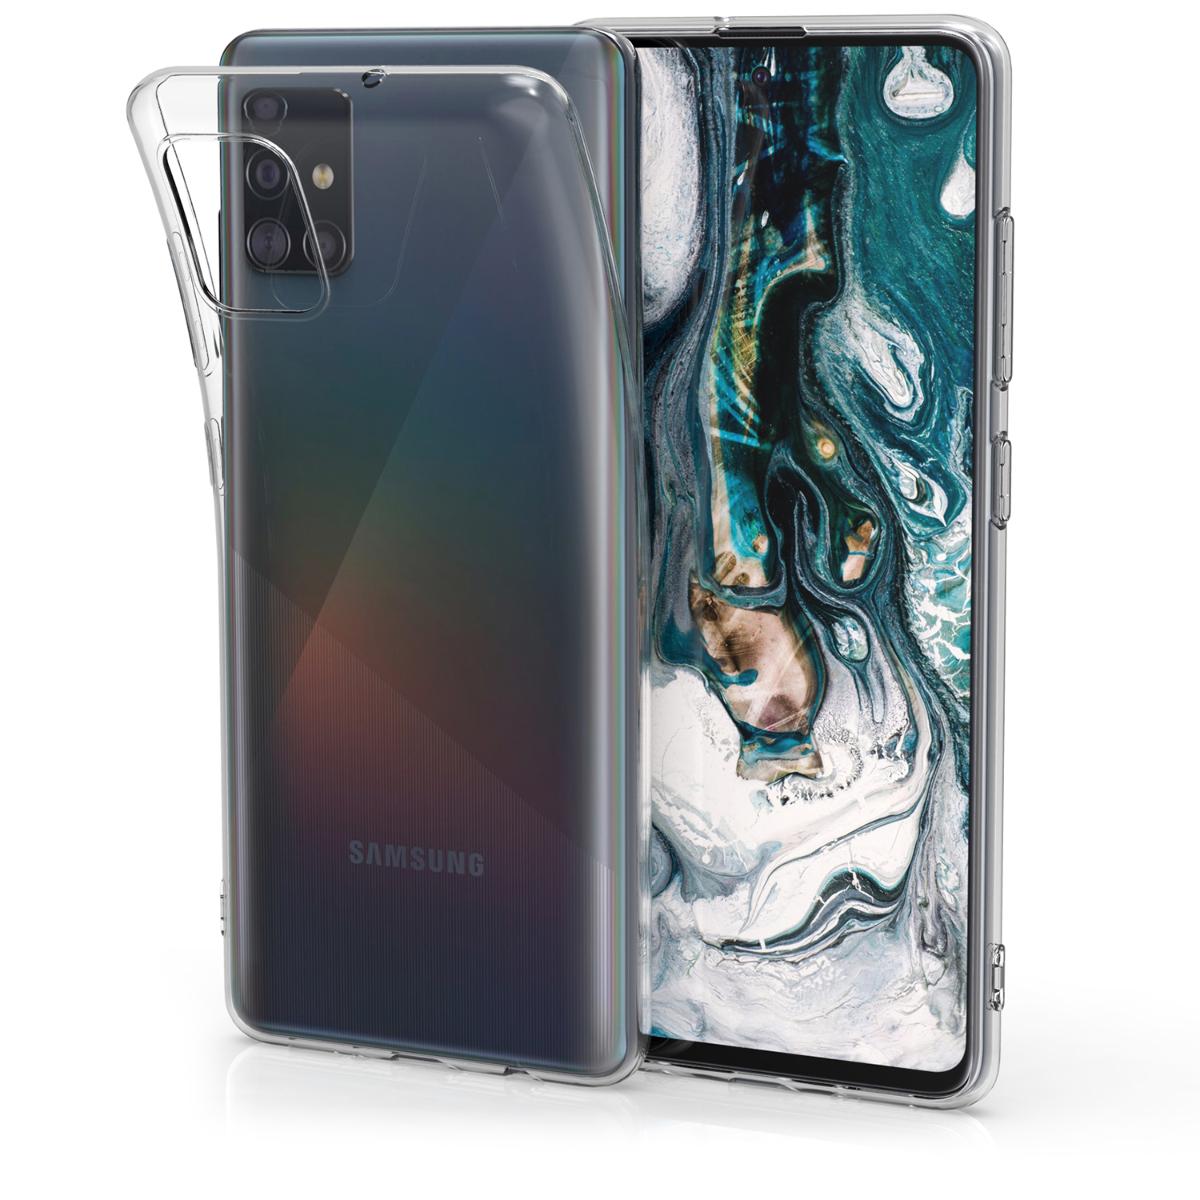 Průhledné silikonové pouzdro / obal pro Samsung Galaxy A51